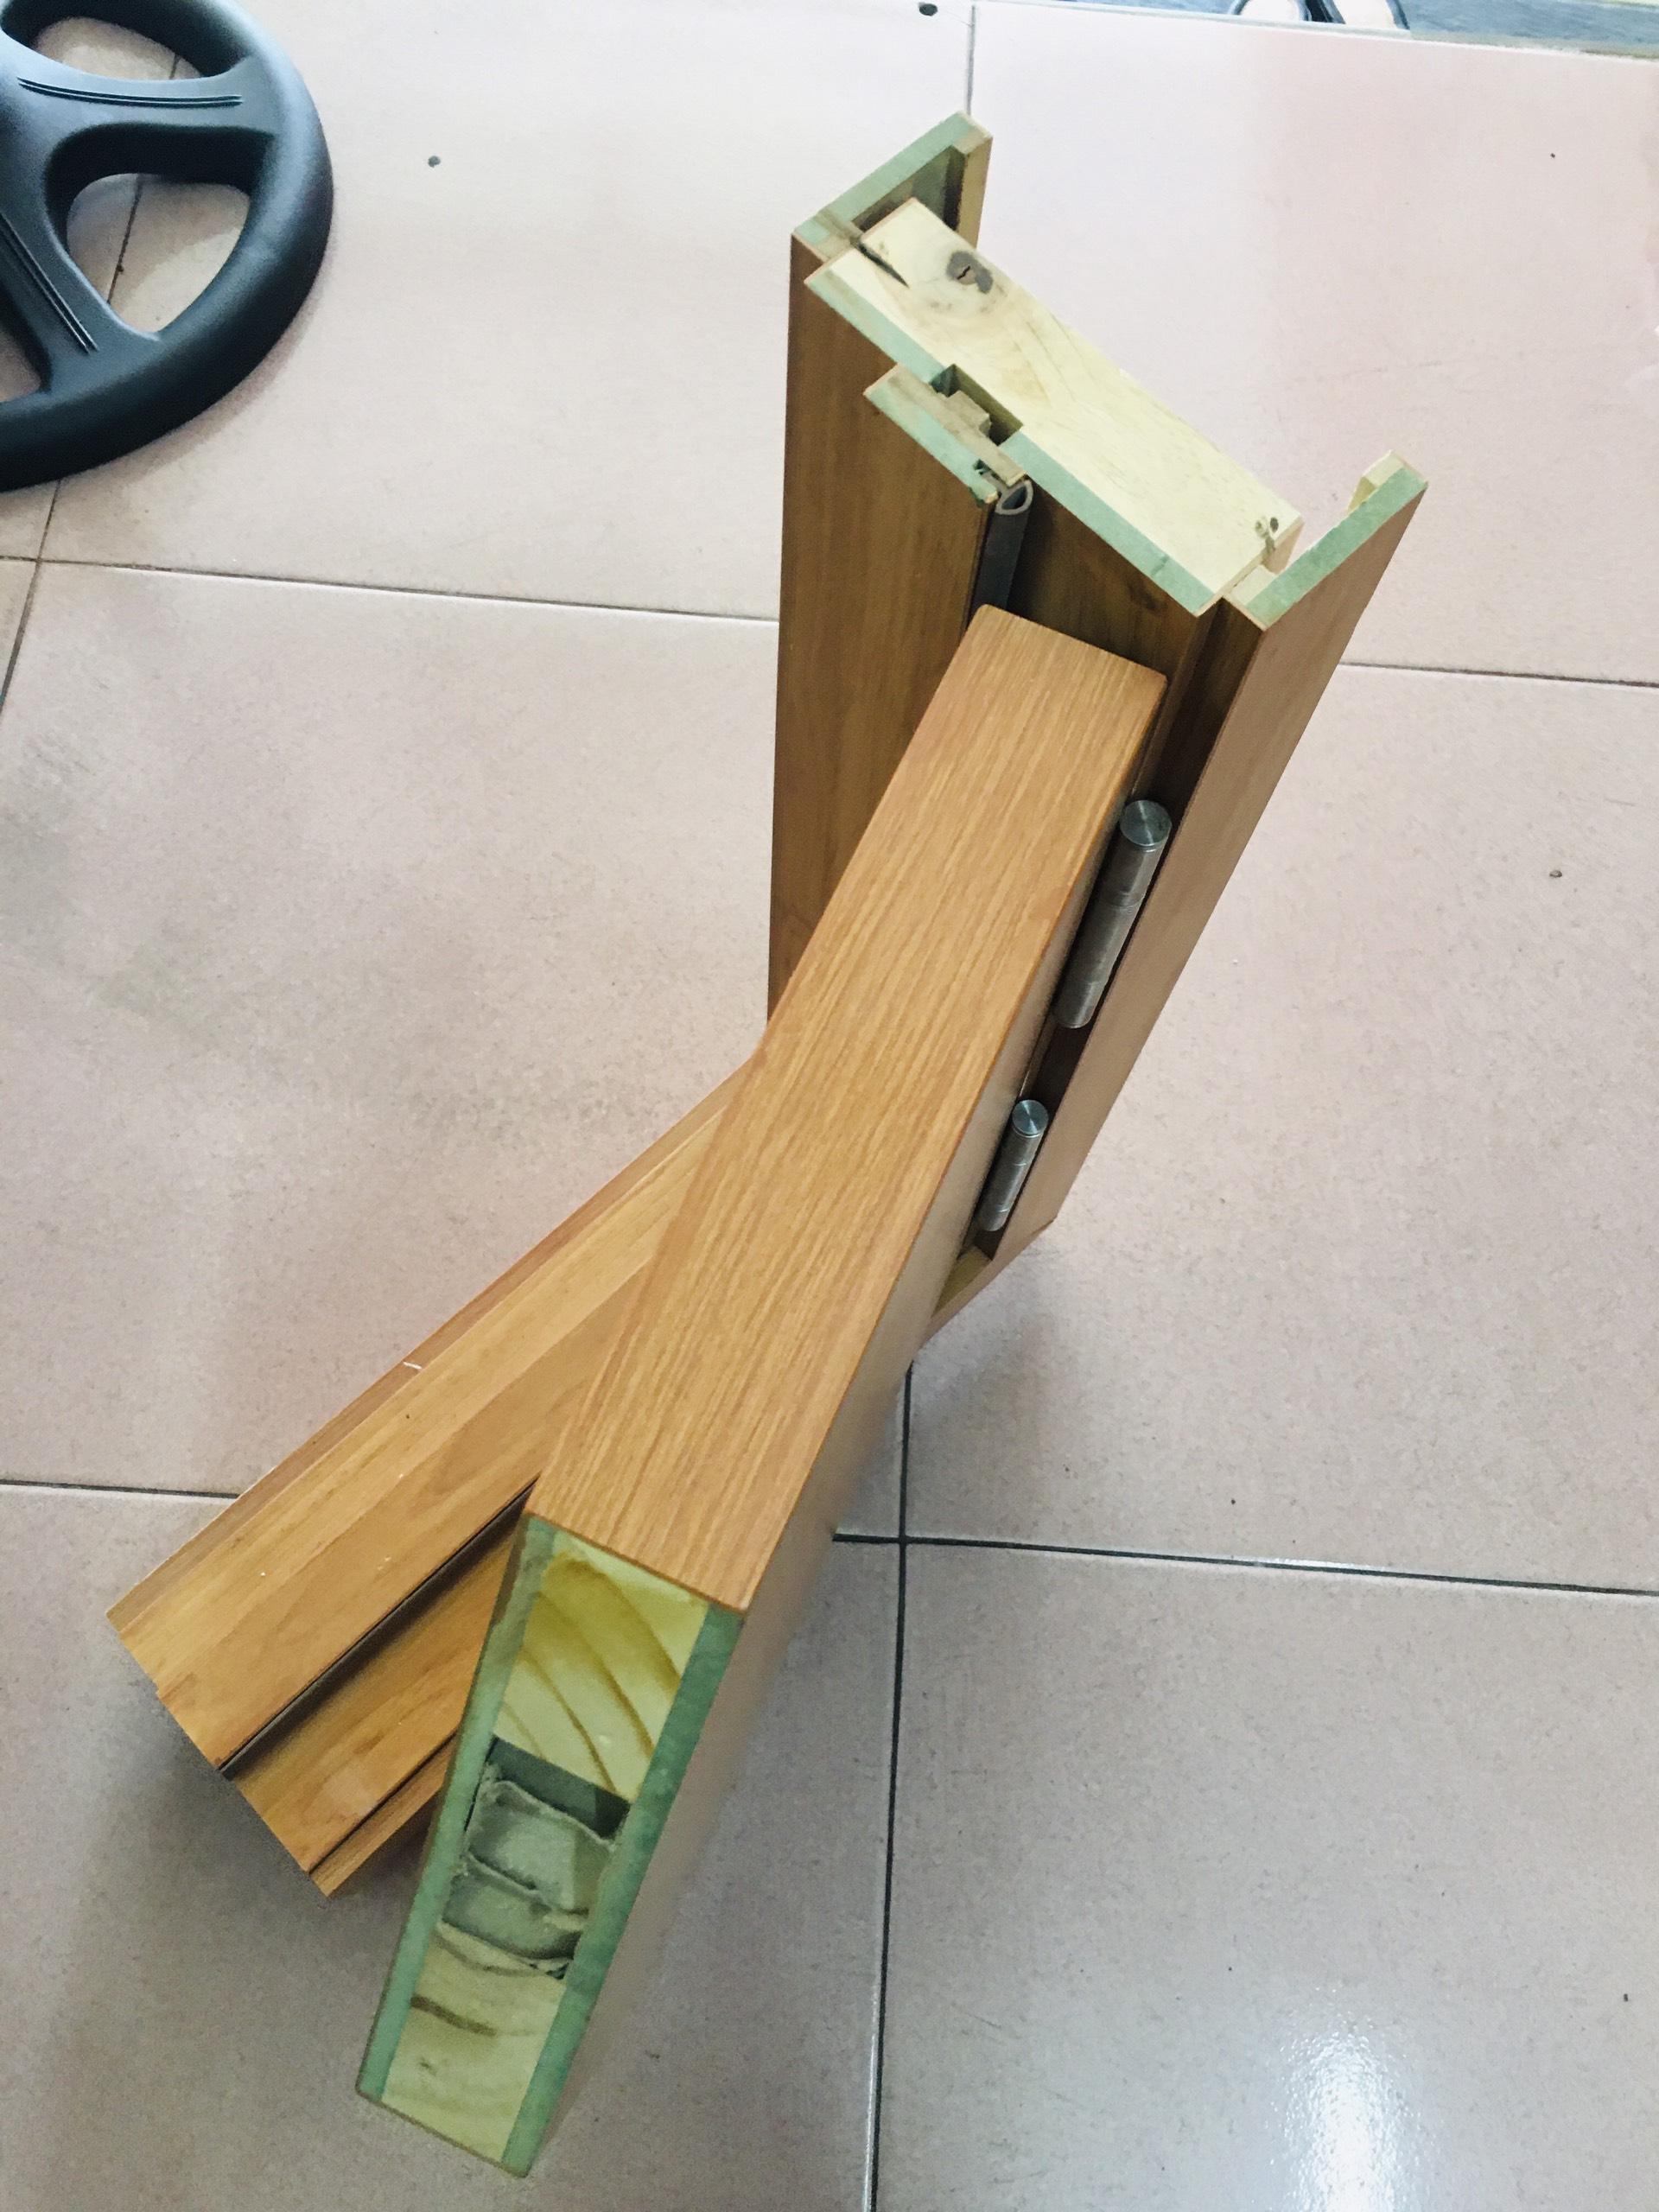 Mặt cắt của cửa gỗ công nghiệp MDF Melamine lõi xanh chống ẩm.